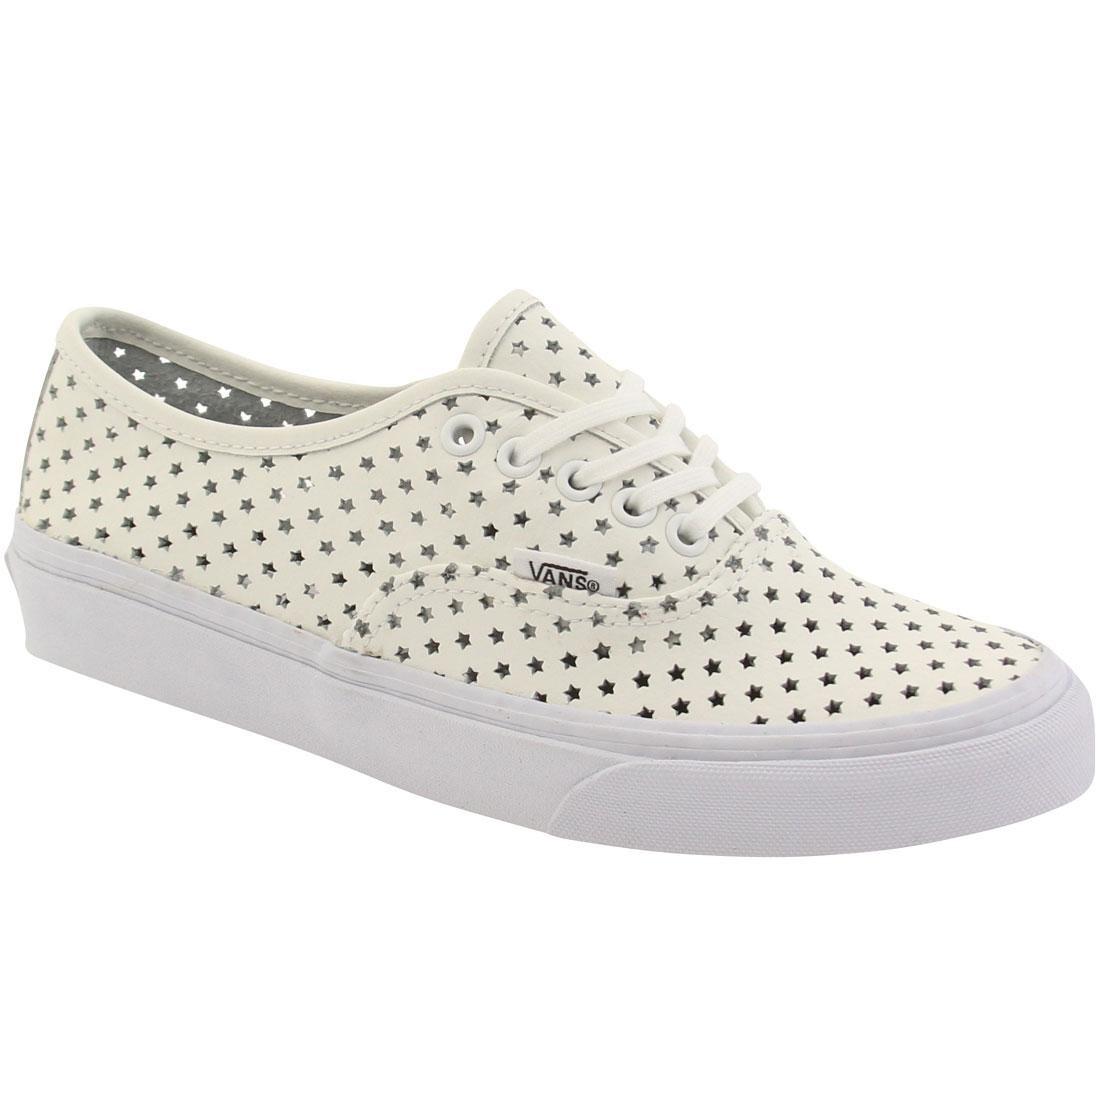 6a80750b94 Vans Women Authentic Slim - Perf Stars (white   true white)